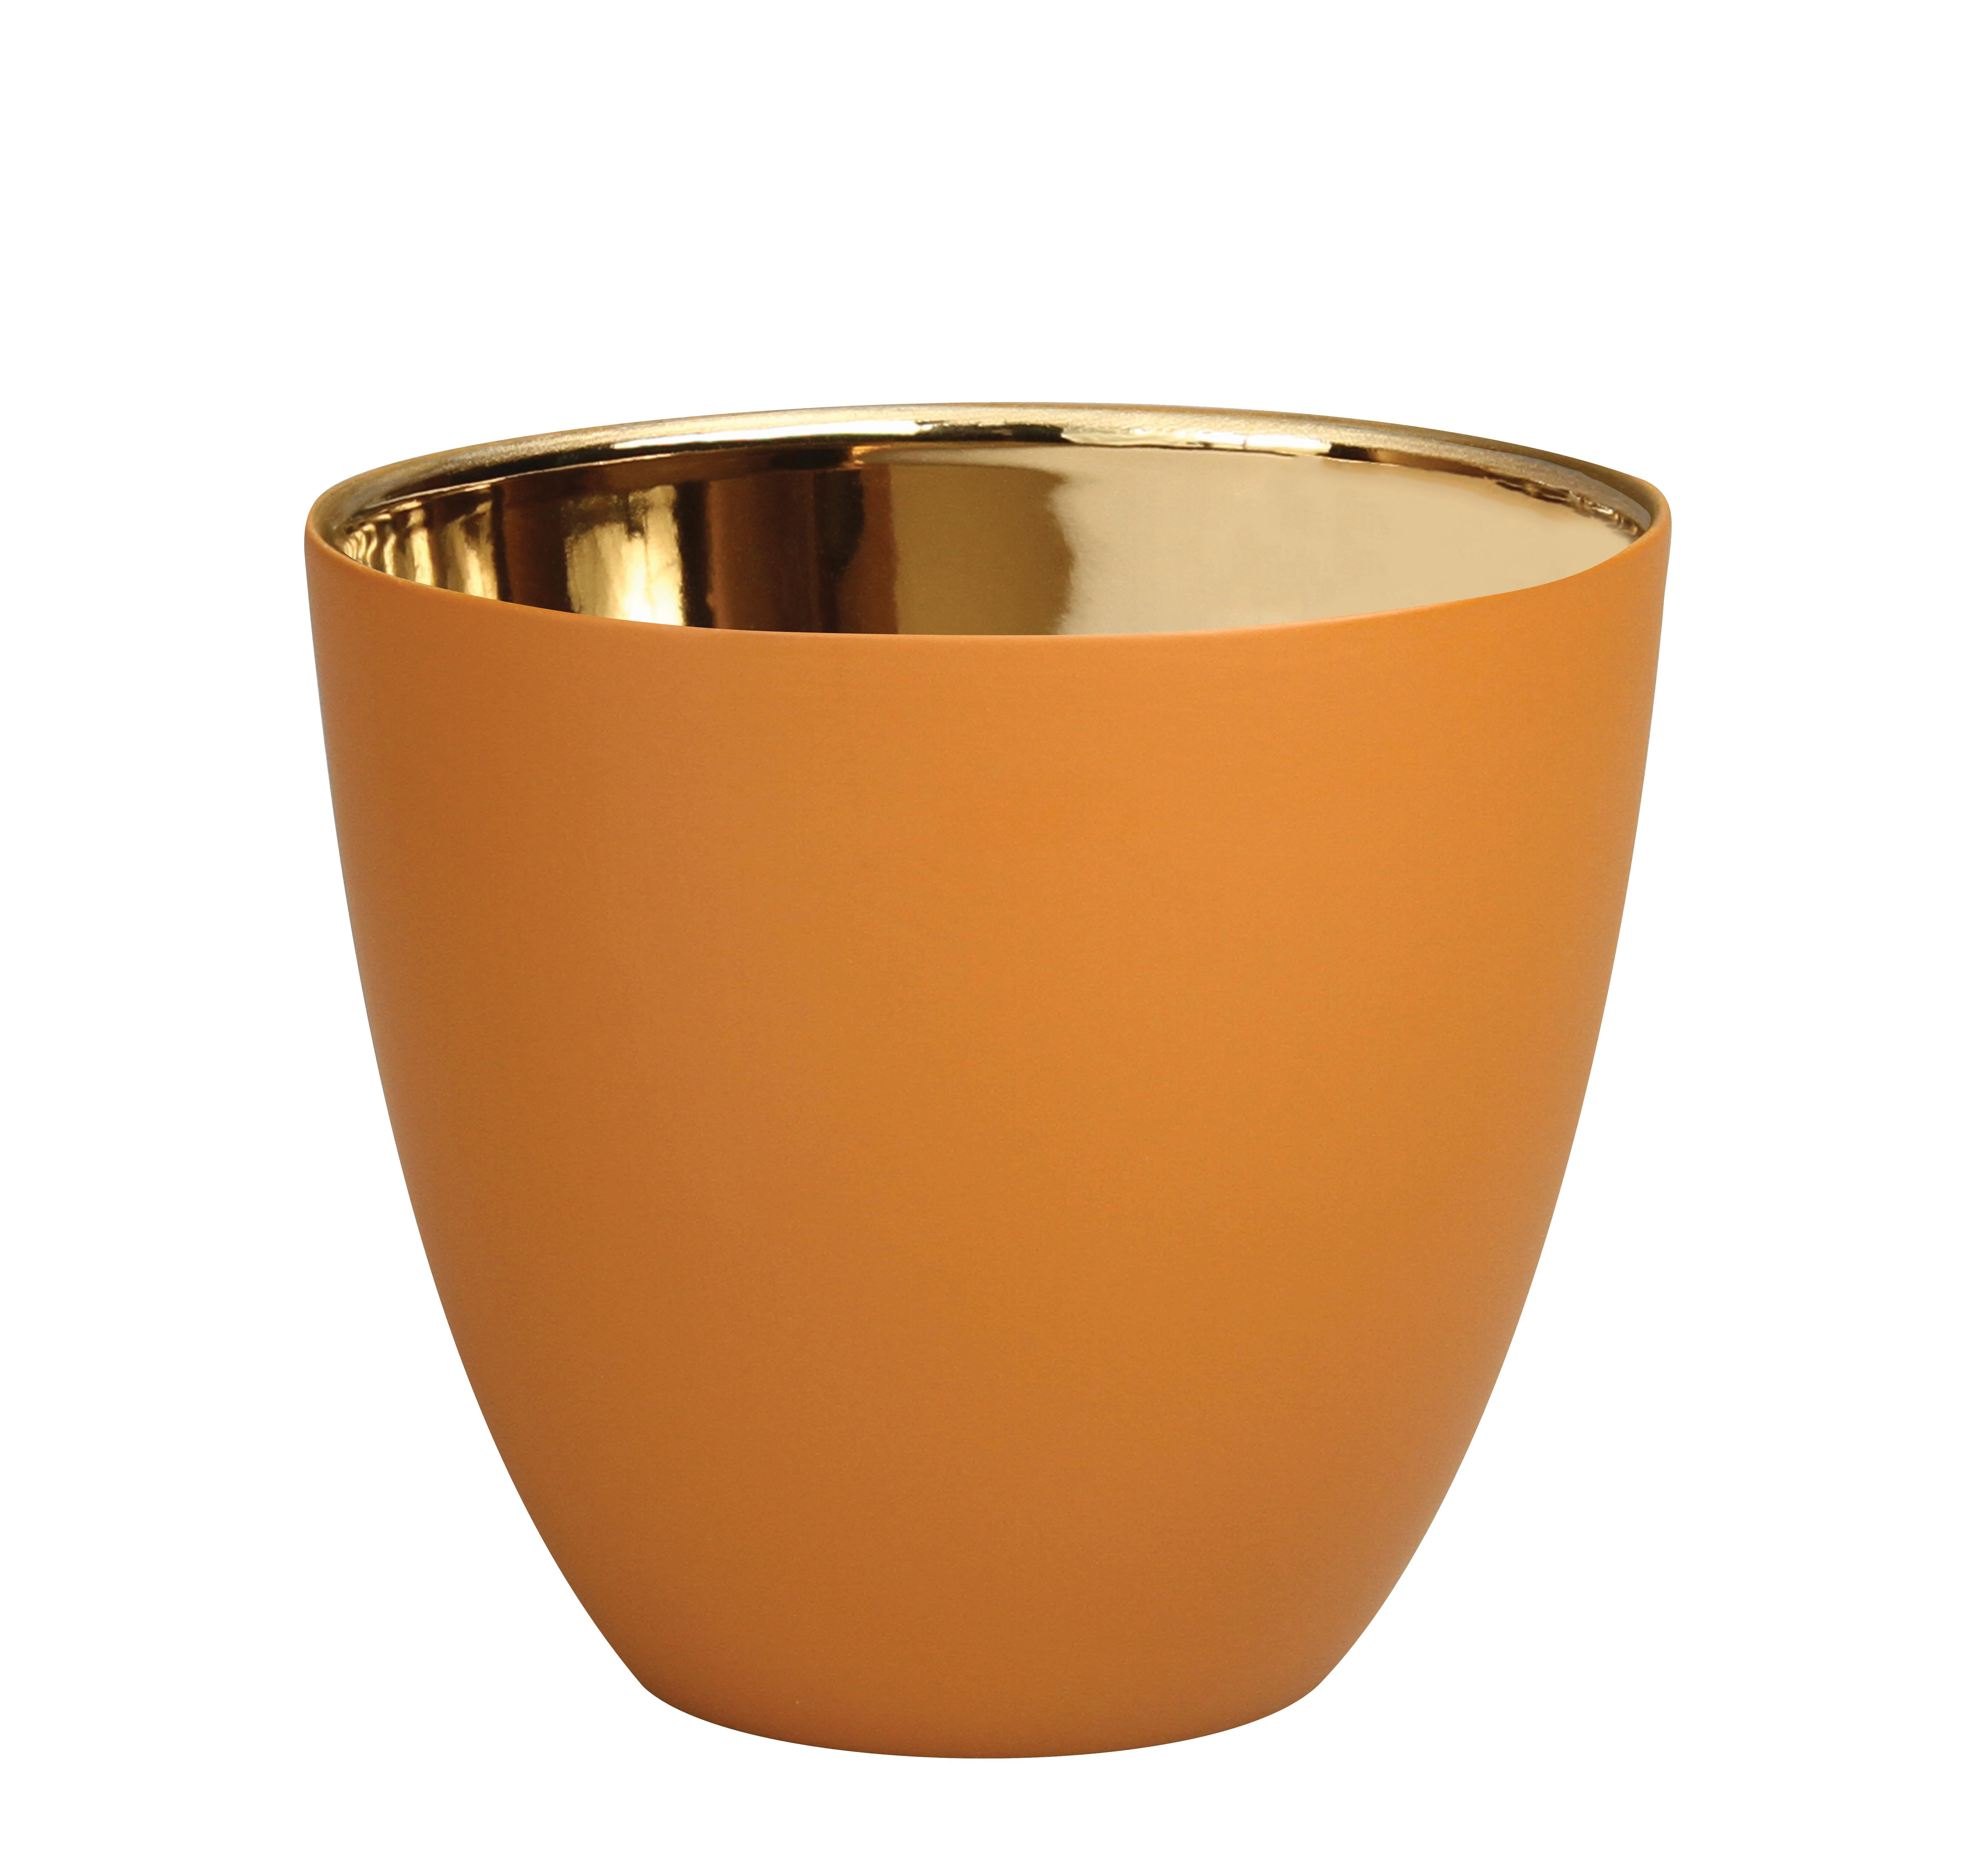 Interni - Candele, Portacandele, Lampade - Portacandela Summer Large - / H 8 cm - Porcellana di & klevering - Noisette / Or - Porcellana